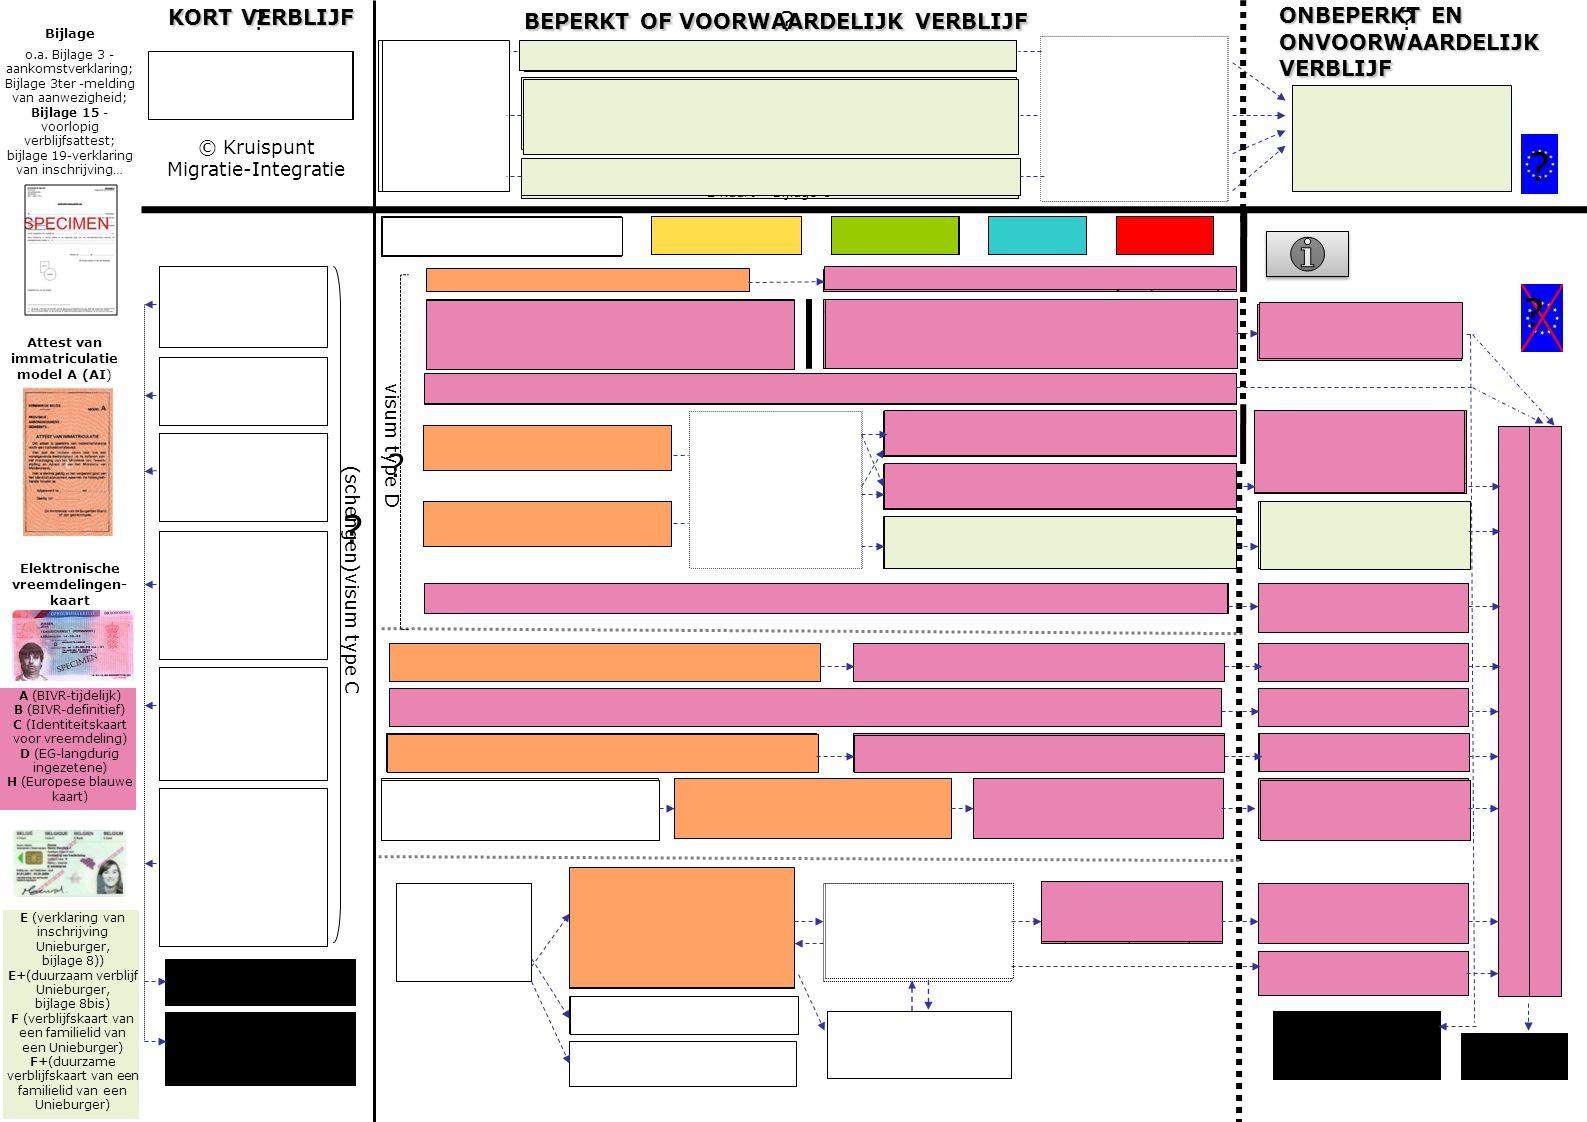 EG- verblijfsvergunning voor langdurig ingezetene - D kaart / bijlage 7 bis